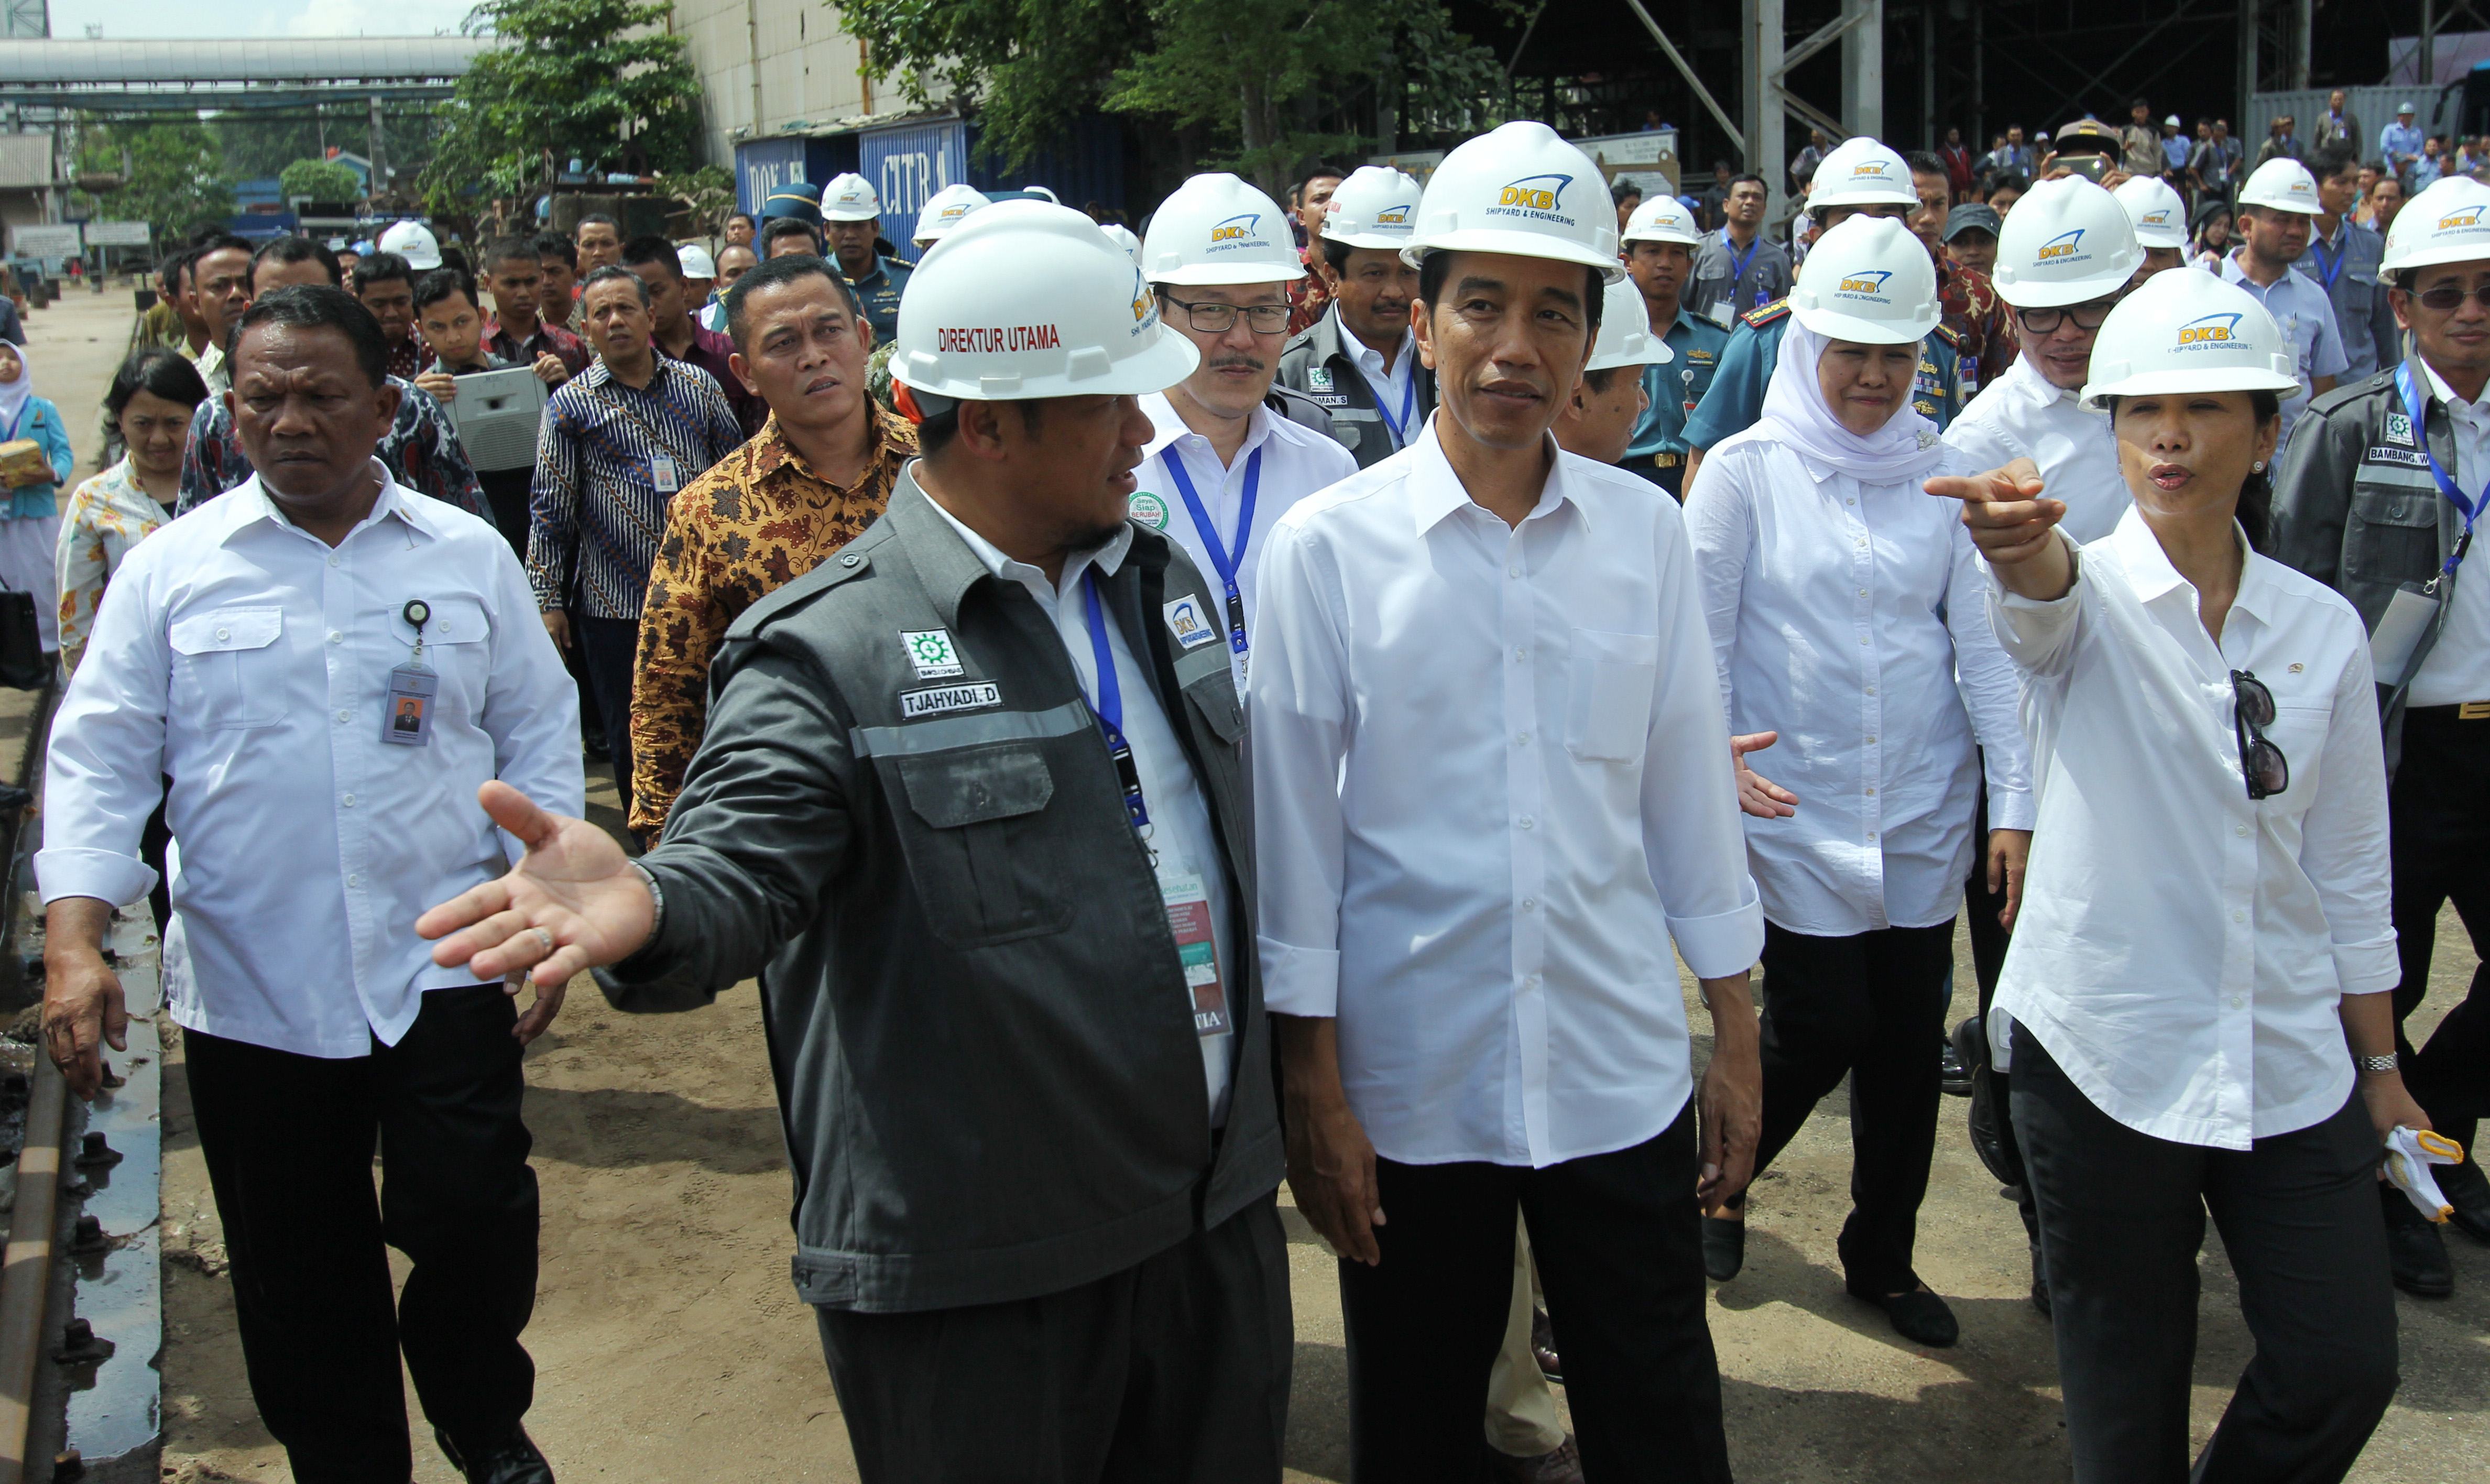 Presiden Bersama Menteri BUMN di dampingi Dirut PT, presiden sampaikan sudah saatnya Indonesia bisa membuat Kapal Selam Sendiri